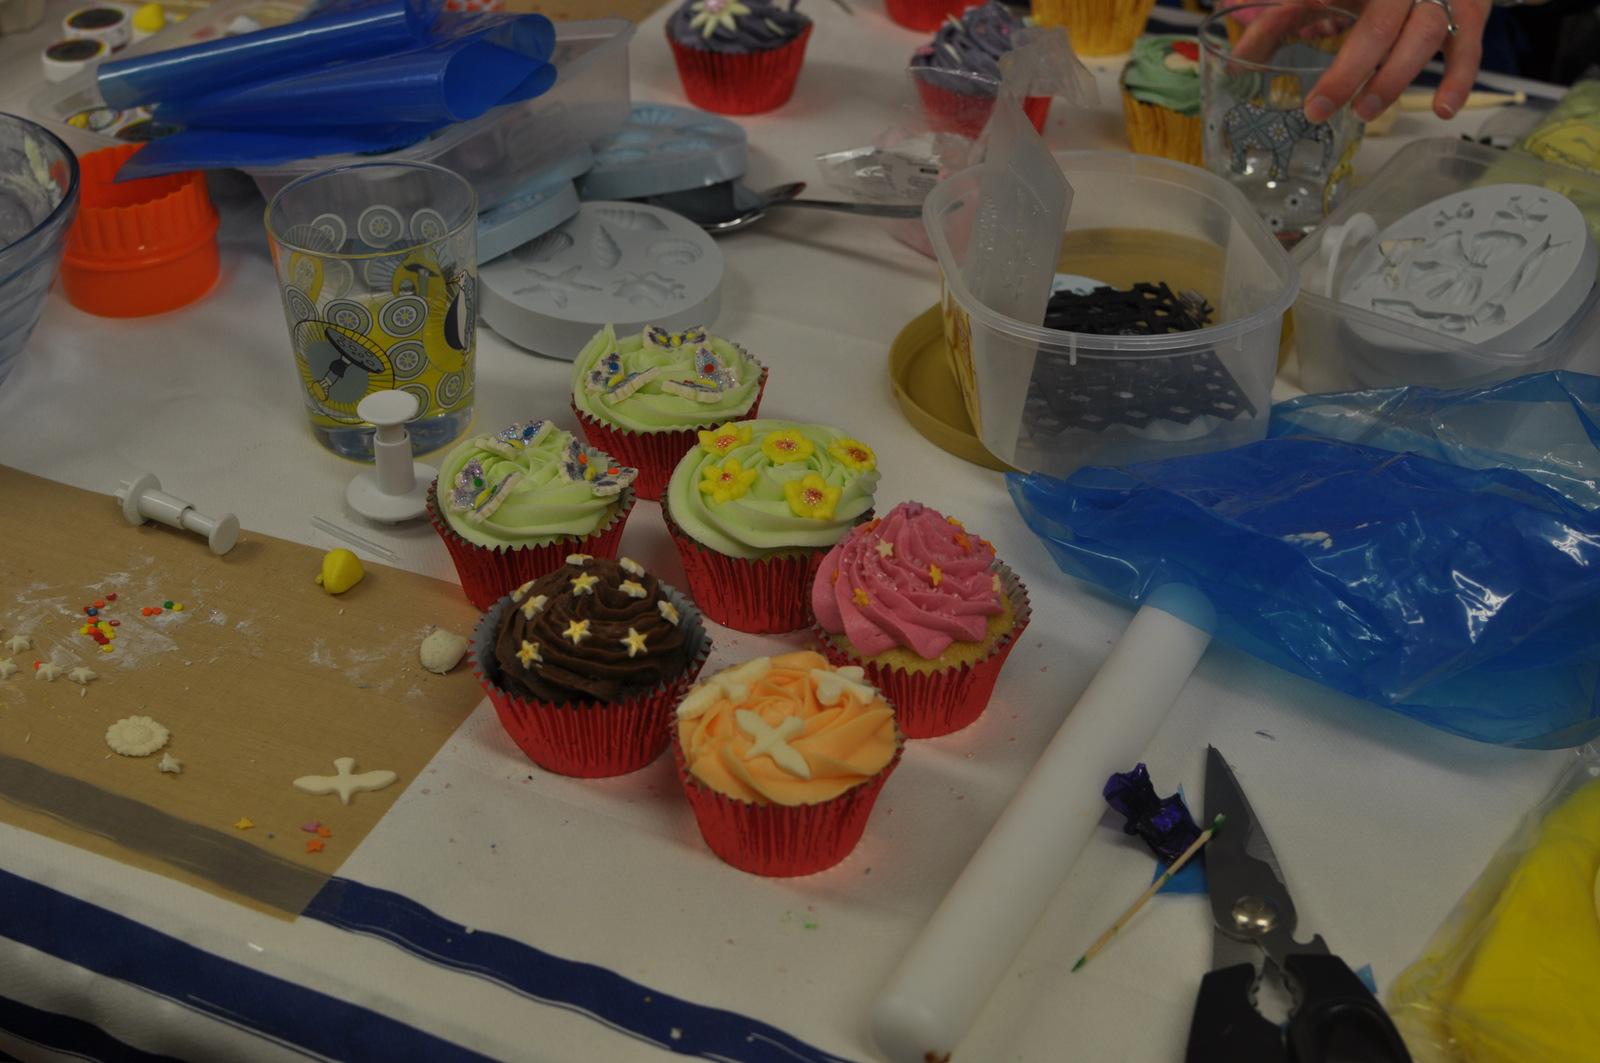 Finished cakes!